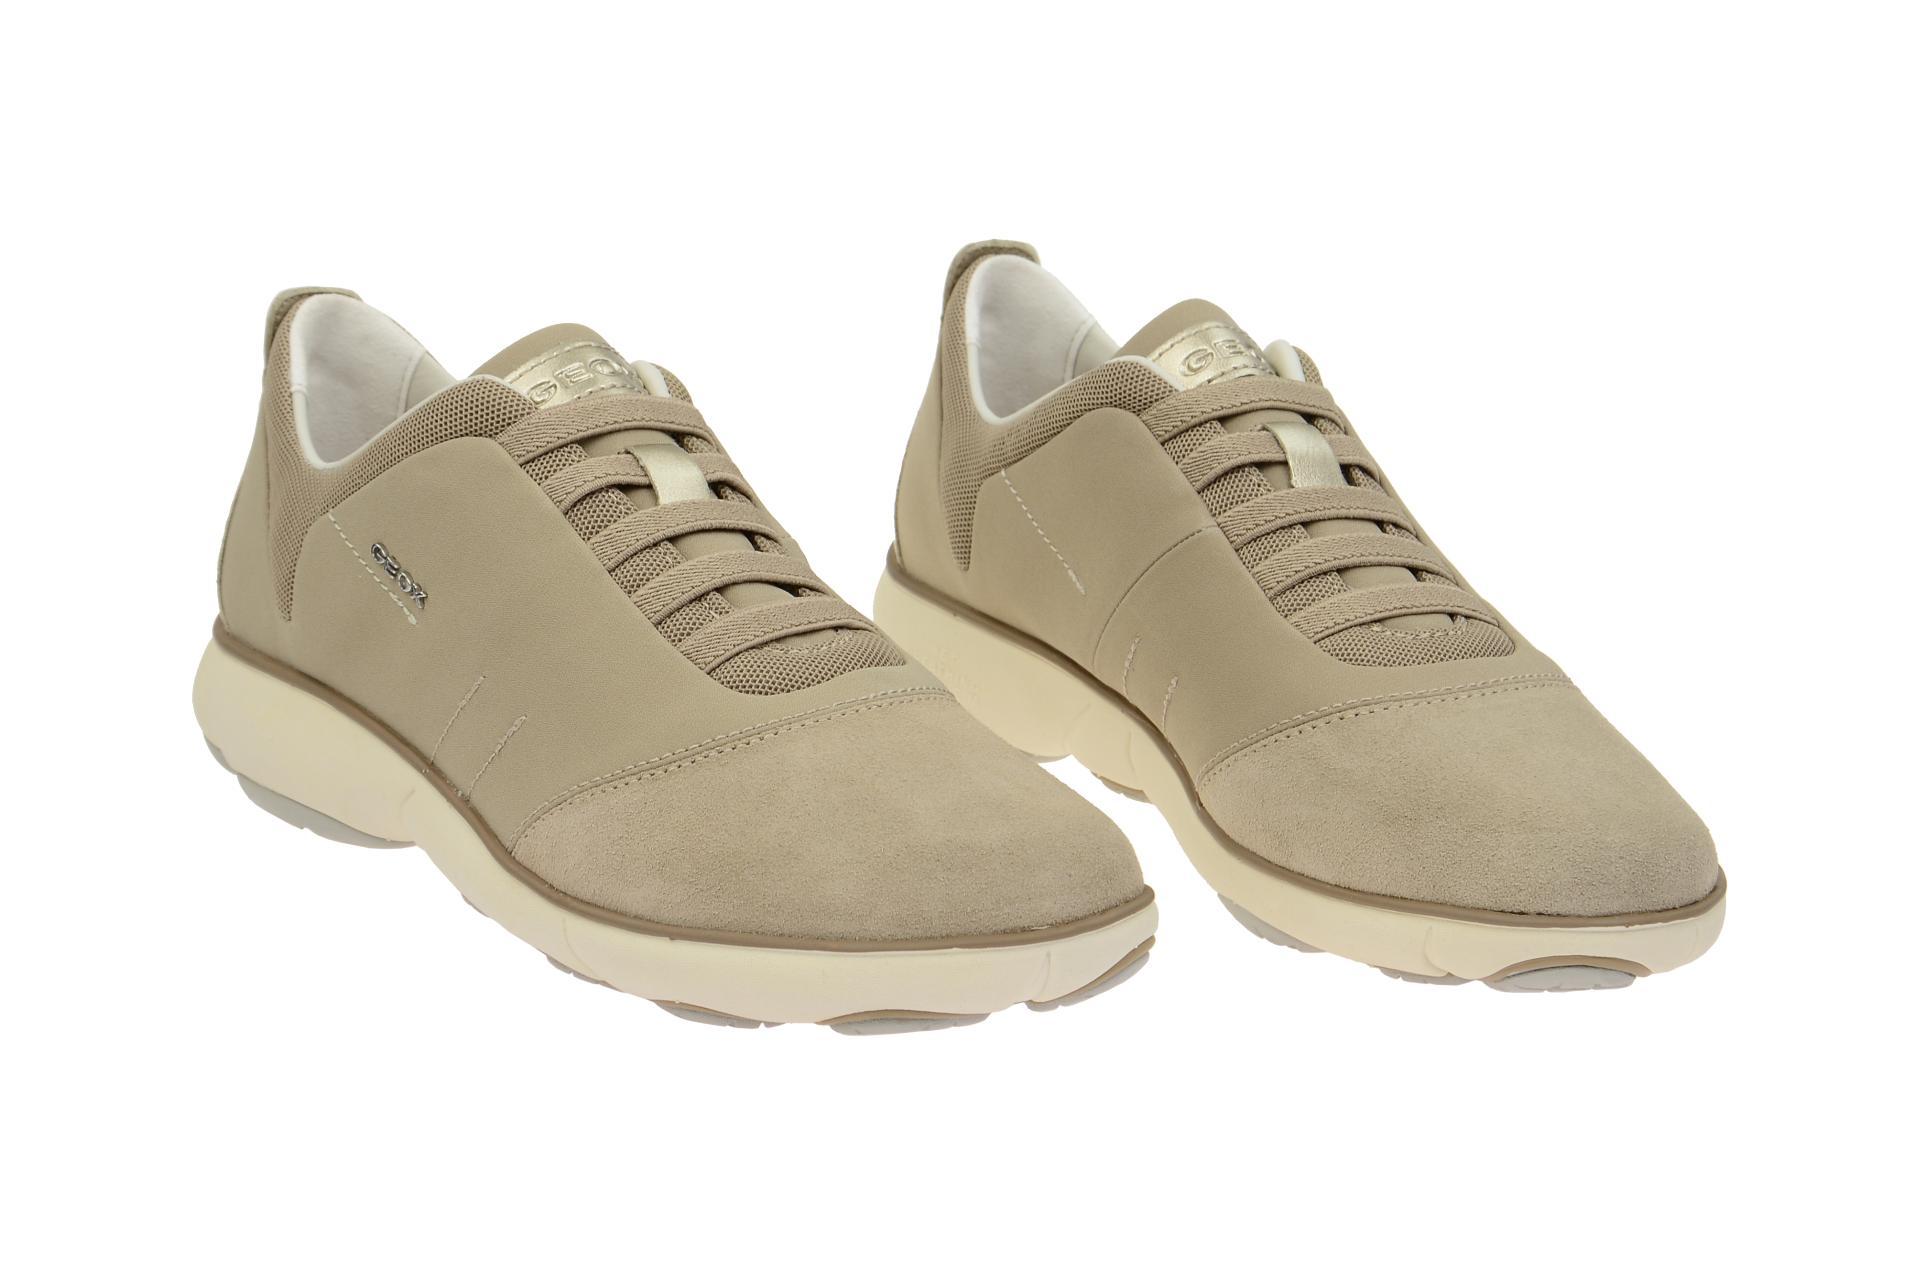 newest 40a7e 357ef Details zu Geox Schuhe NEBULA beige Damenschuhe bequeme Slipper D621EC  01122 C6738 NEU